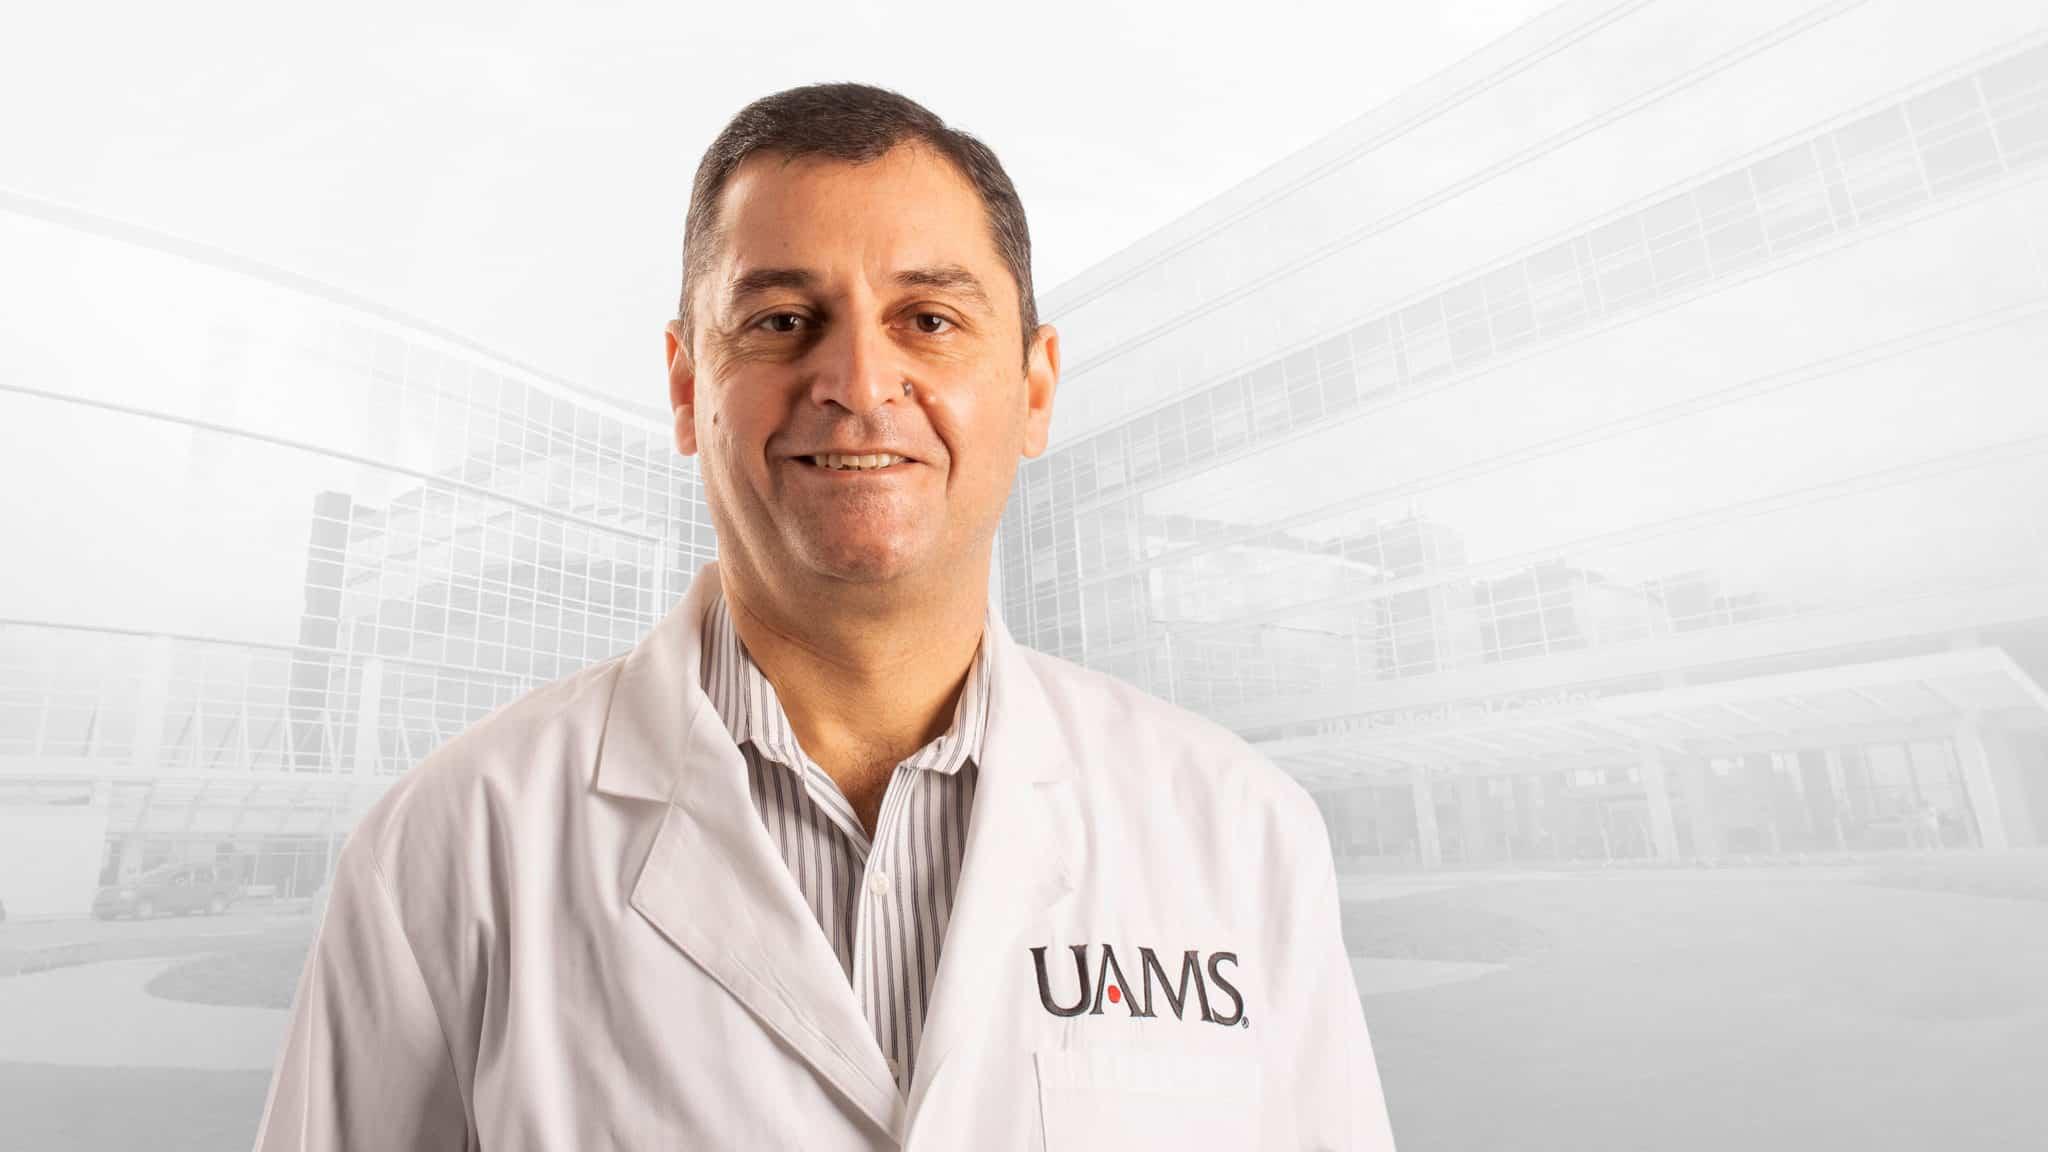 photo of Gaurav Dhar, M.D., in white coat